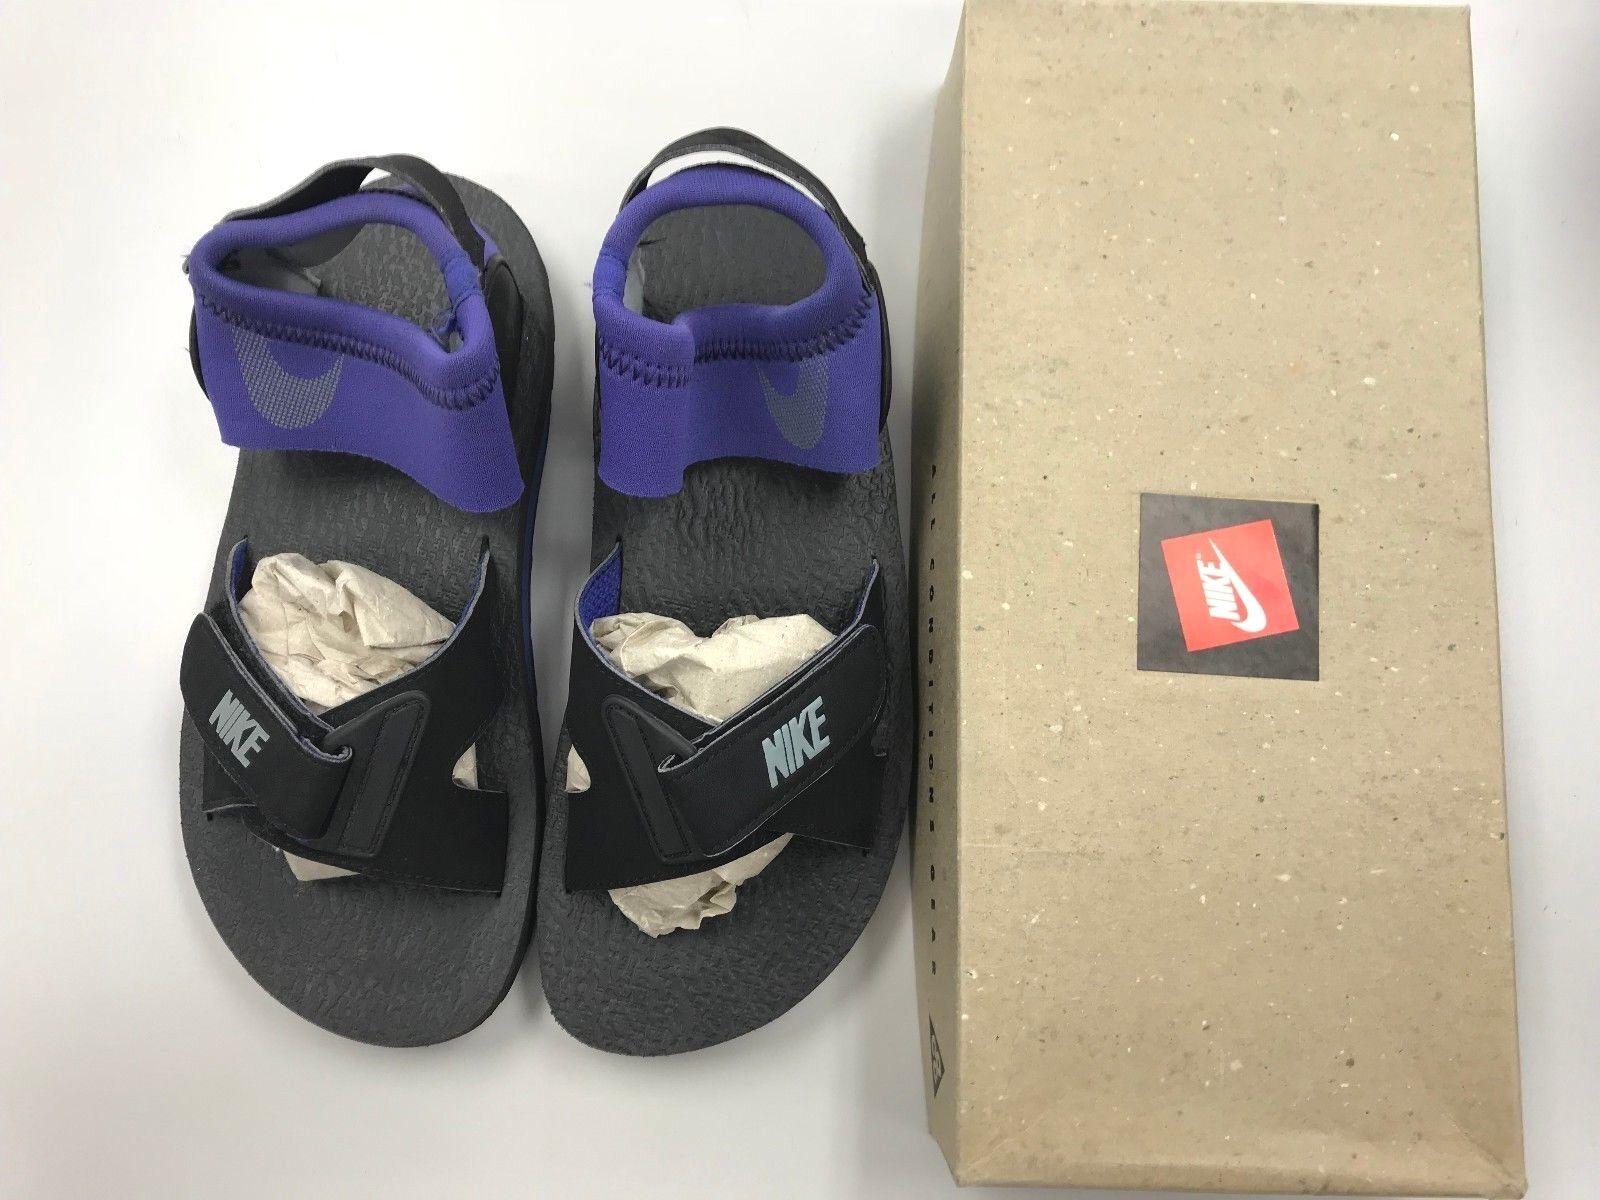 Vintage 1992 Nike Beo-Beo ACG sandales originales hommes Brand New air max 123456789